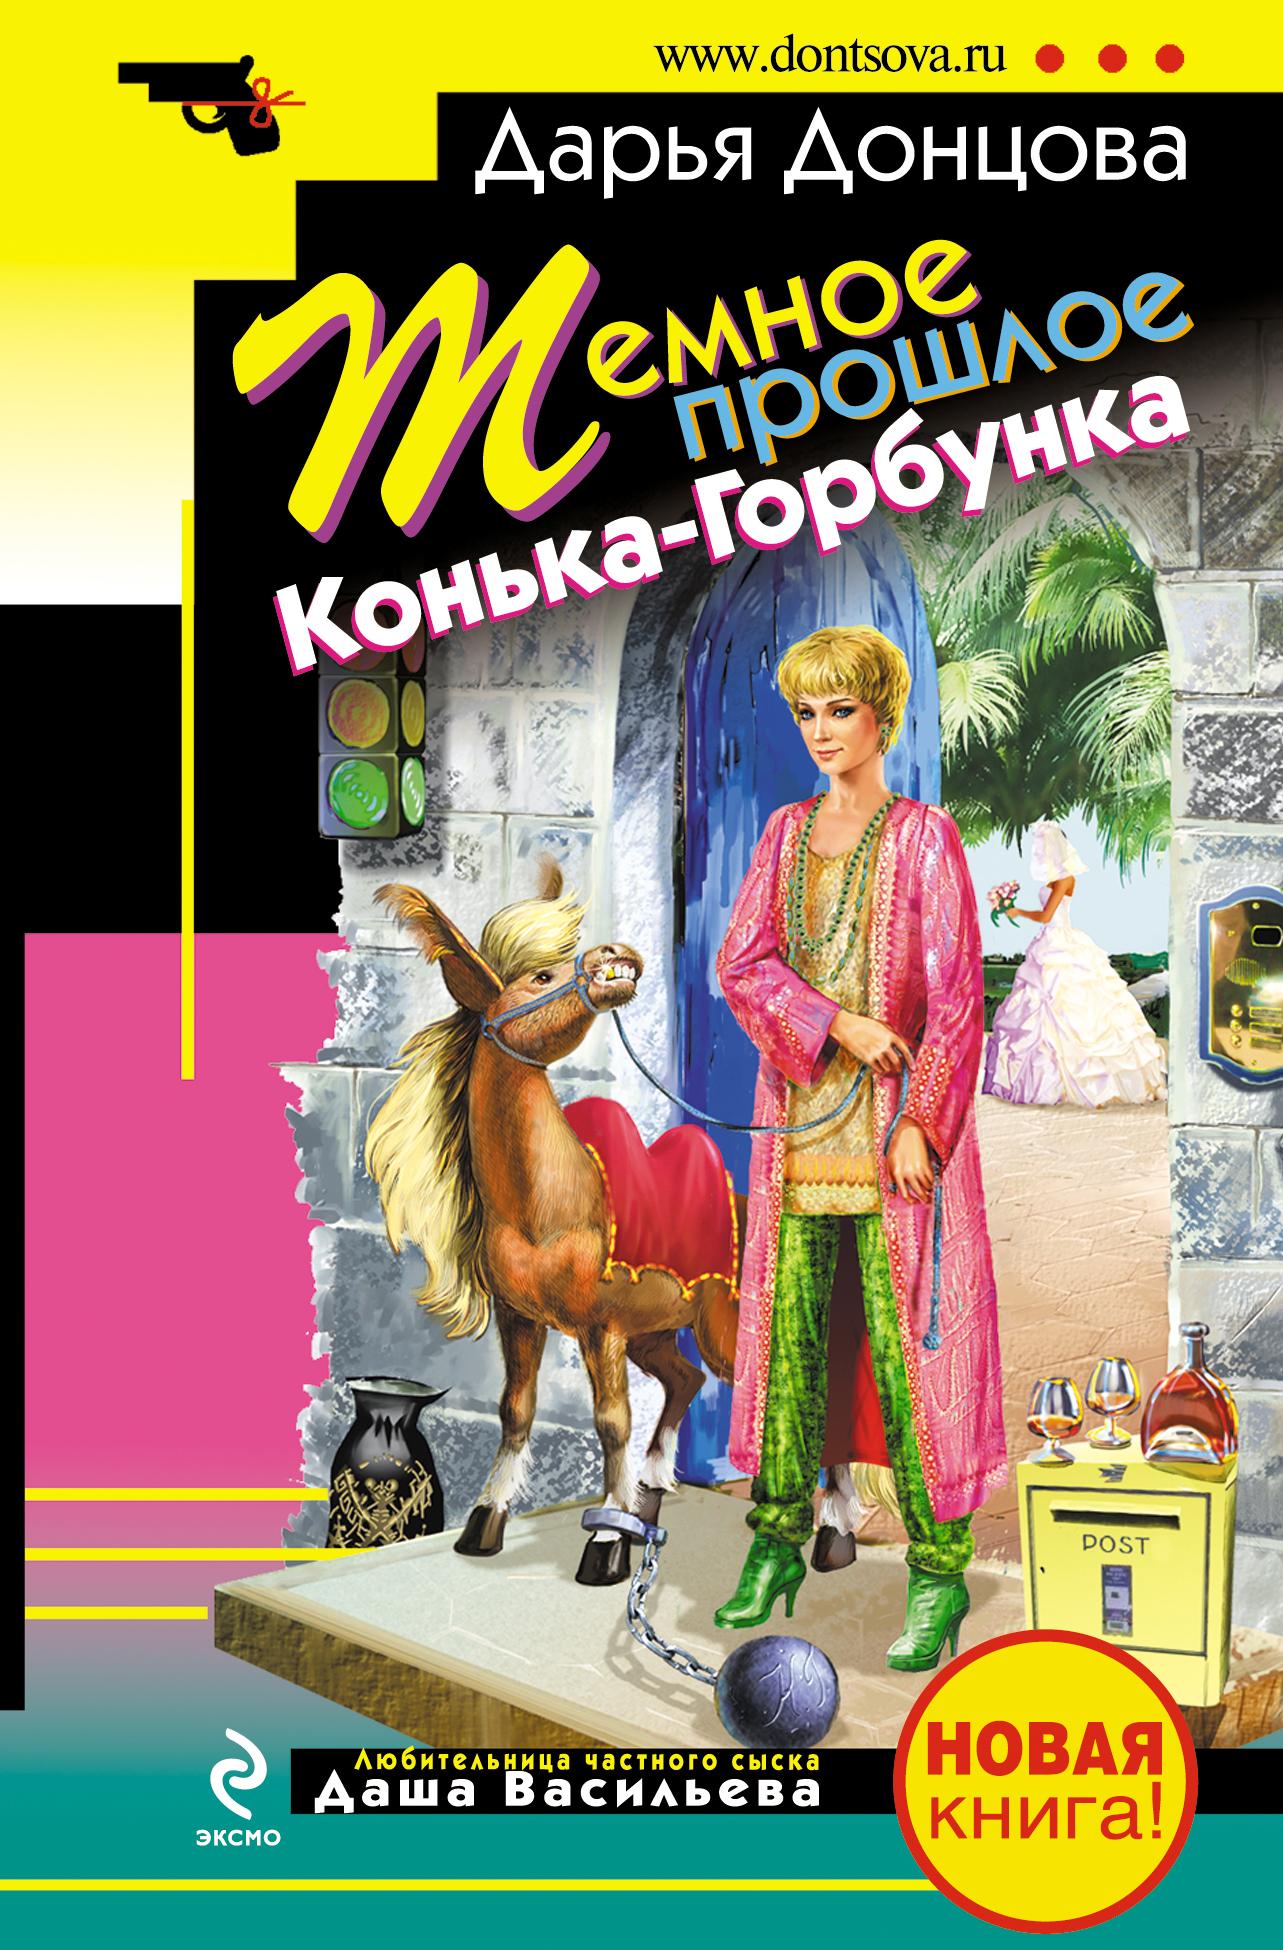 Темное прошлое Конька-Горбунка (сборник) ( Дарья Донцова  )